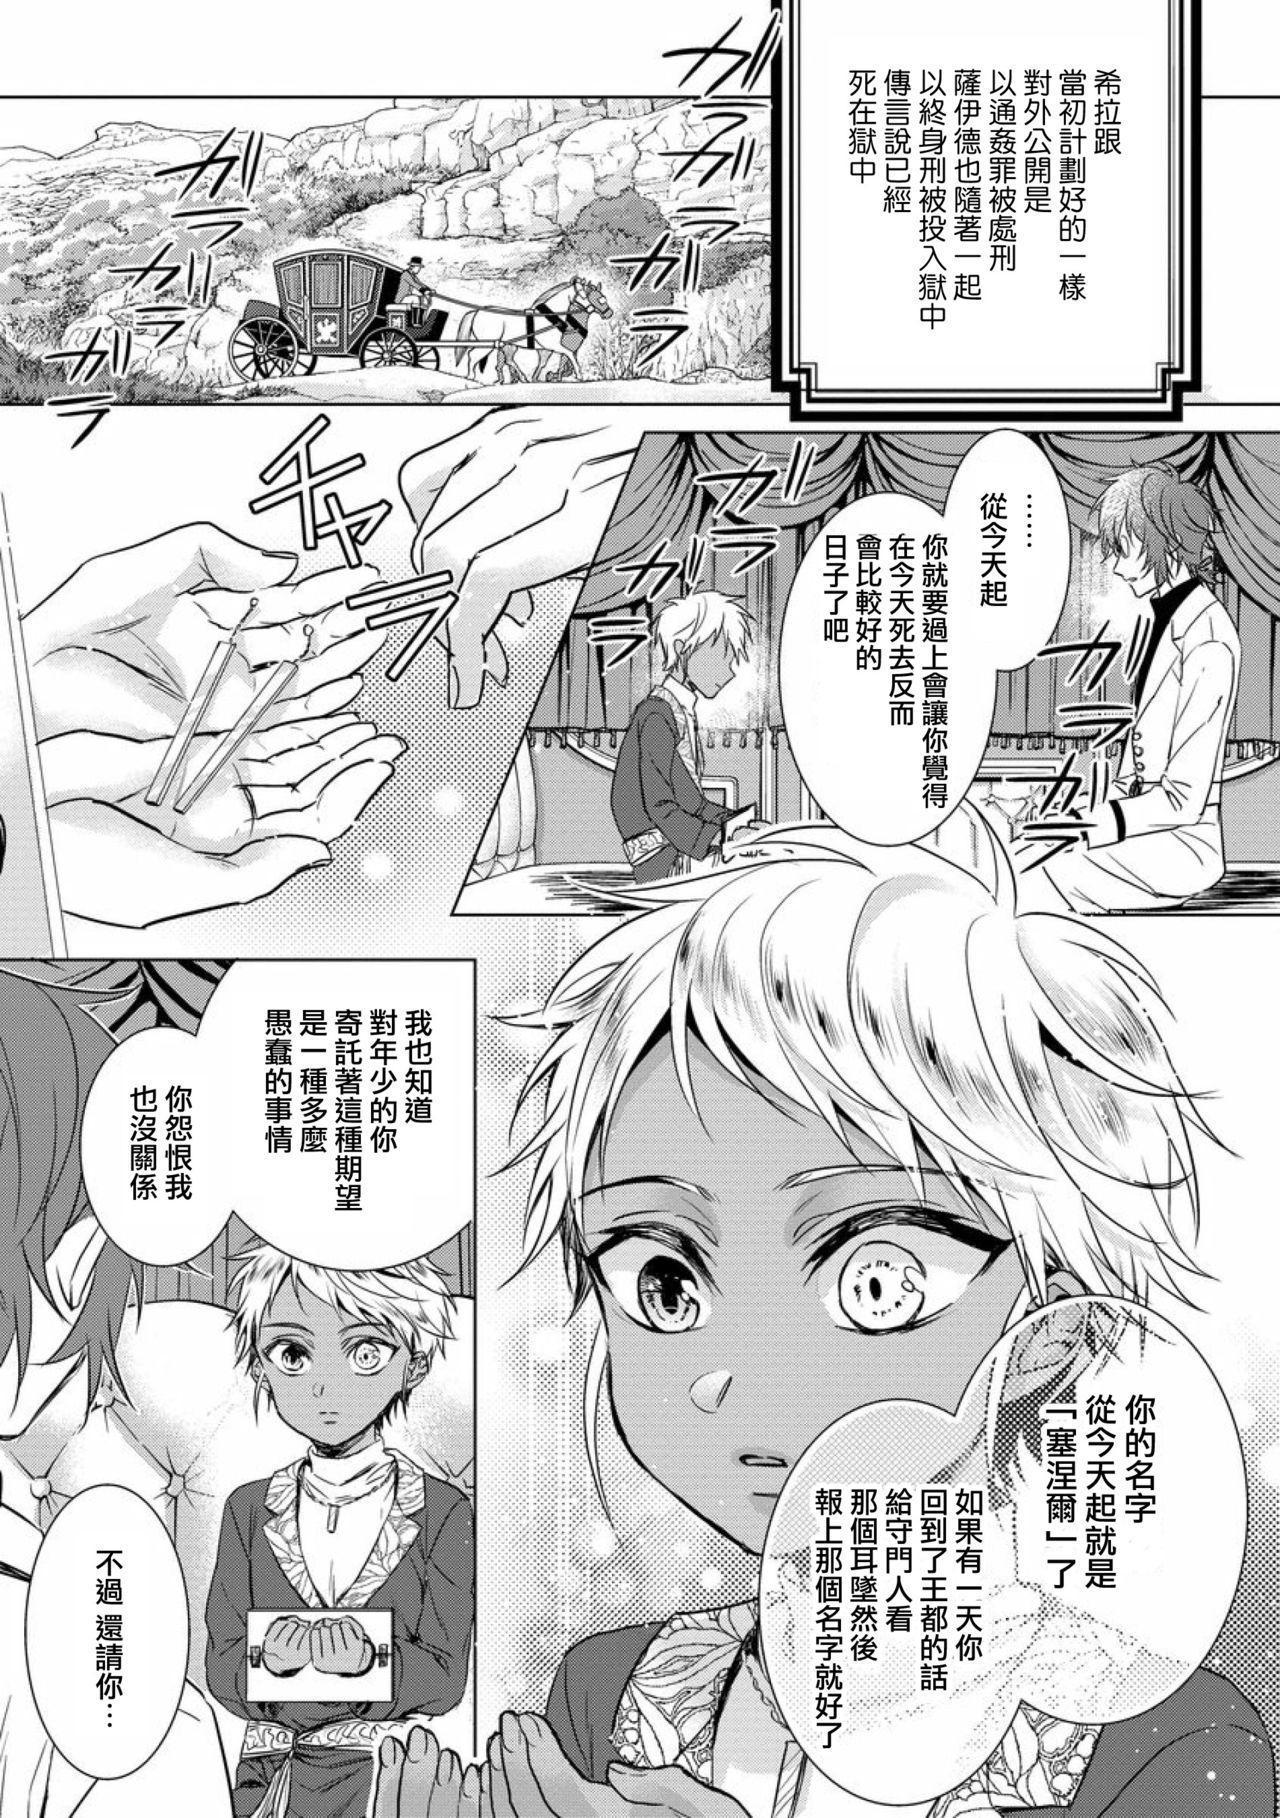 [Saotome Mokono] Kyououji no Ibitsu na Shuuai ~Nyotaika Knight no Totsukitooka~ Ch. 12 [Chinese] [瑞树汉化组] [Digital] 28